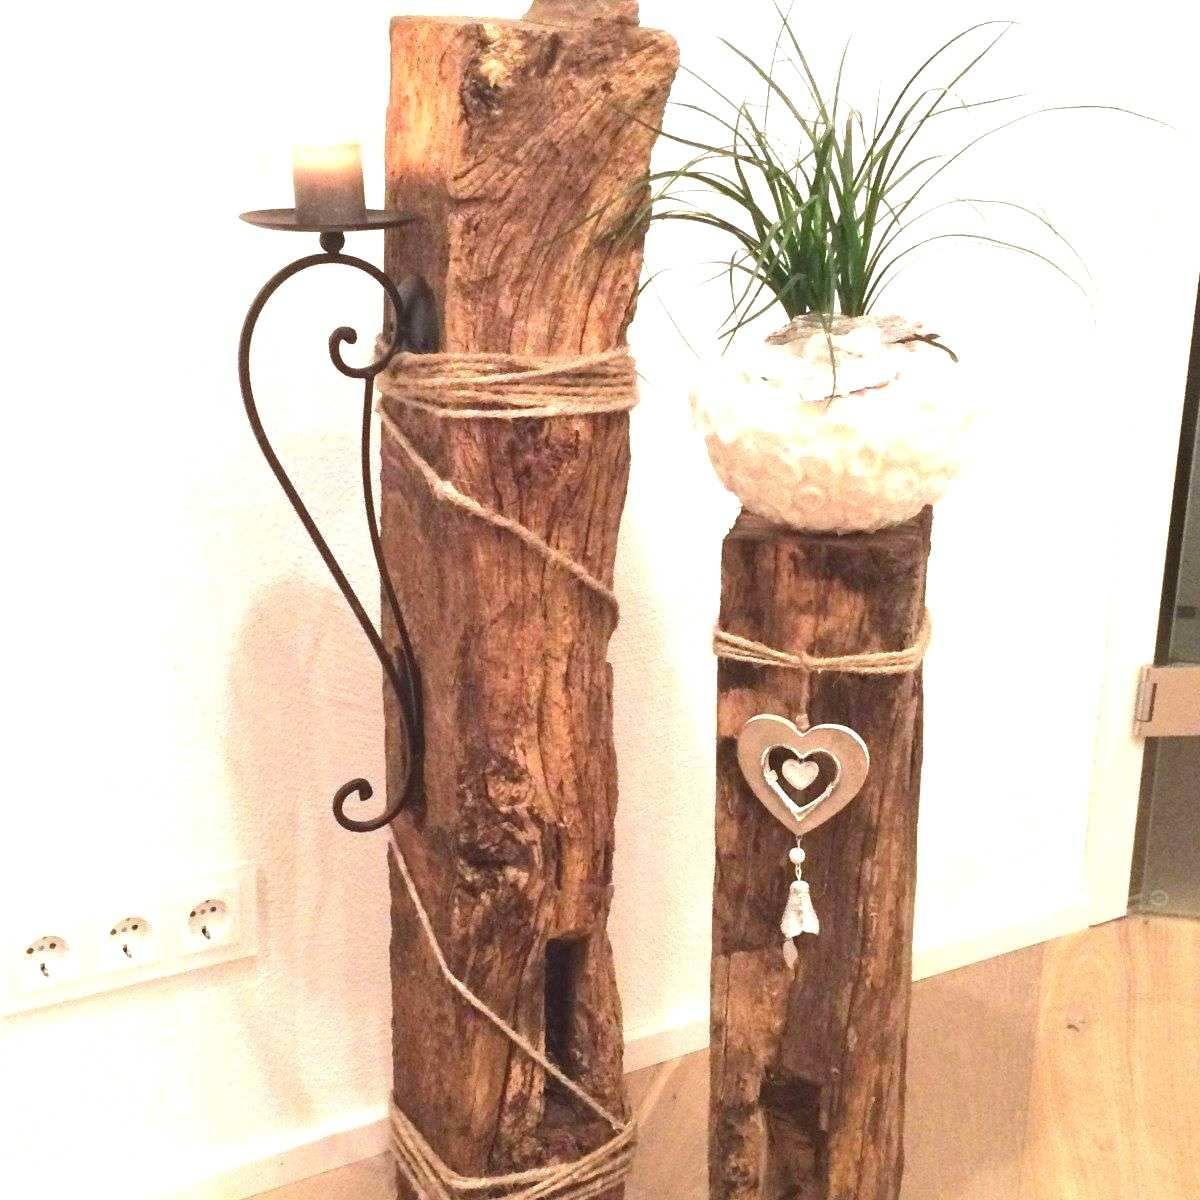 83 Genial Baumstumpf Deko Ideen Garten Deko